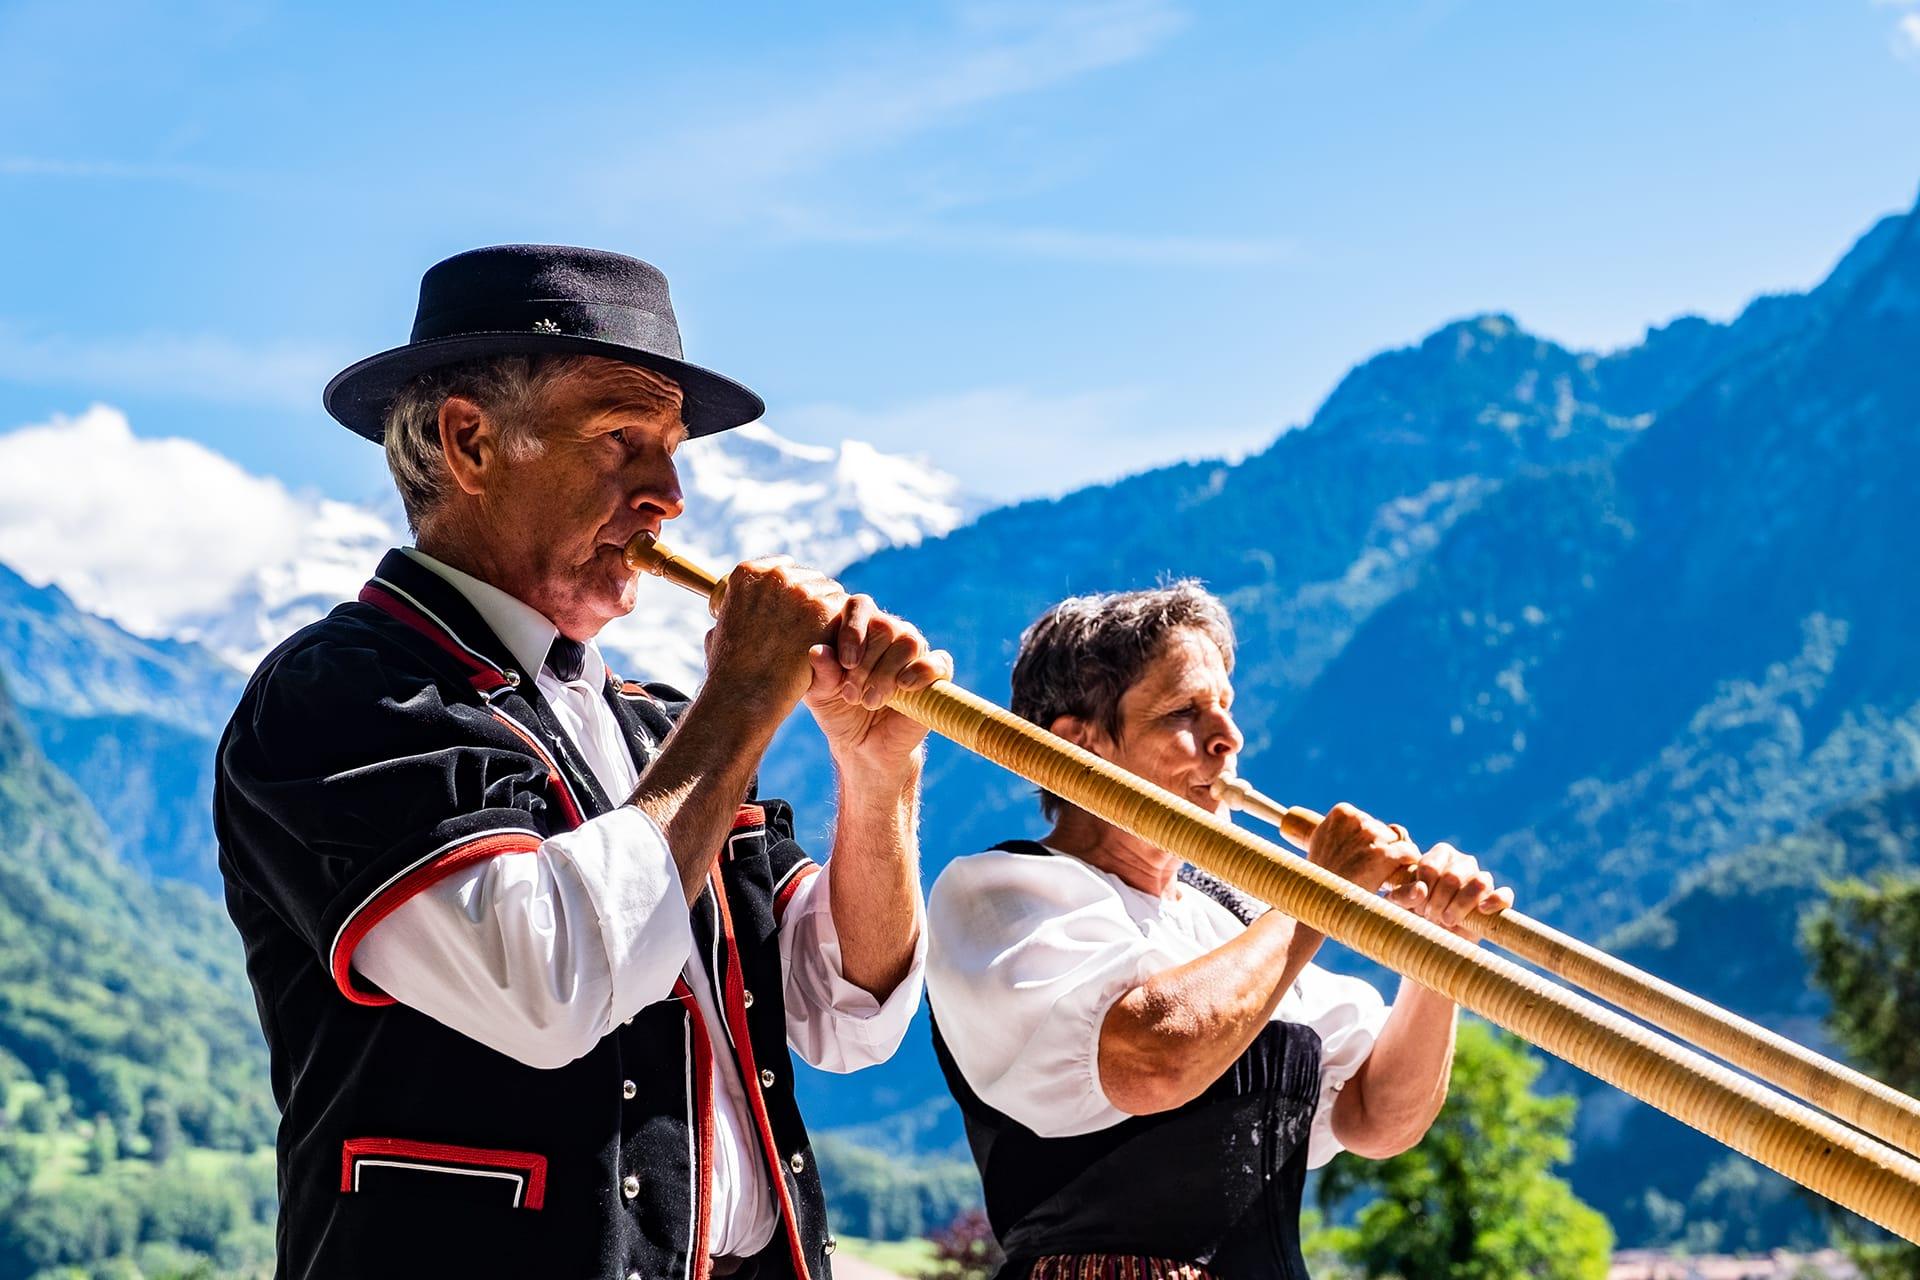 Hansueli und Doris Steiner aus Unterseen begrüssten die Gäste mit urchigen Alphorn-Klängen.